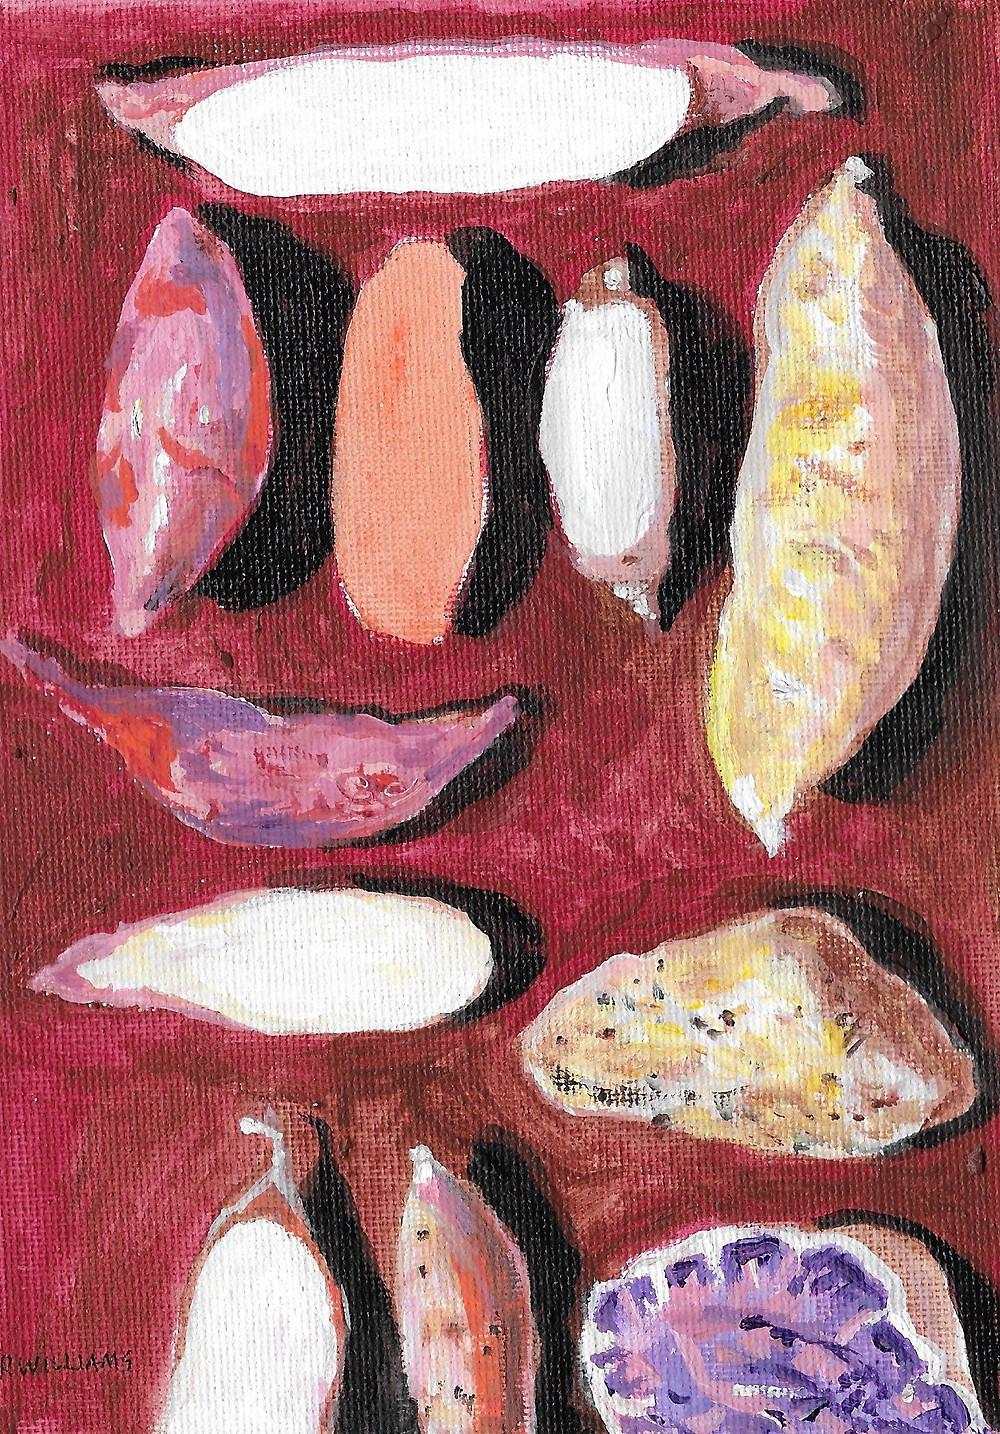 Potato Varieties Drawing